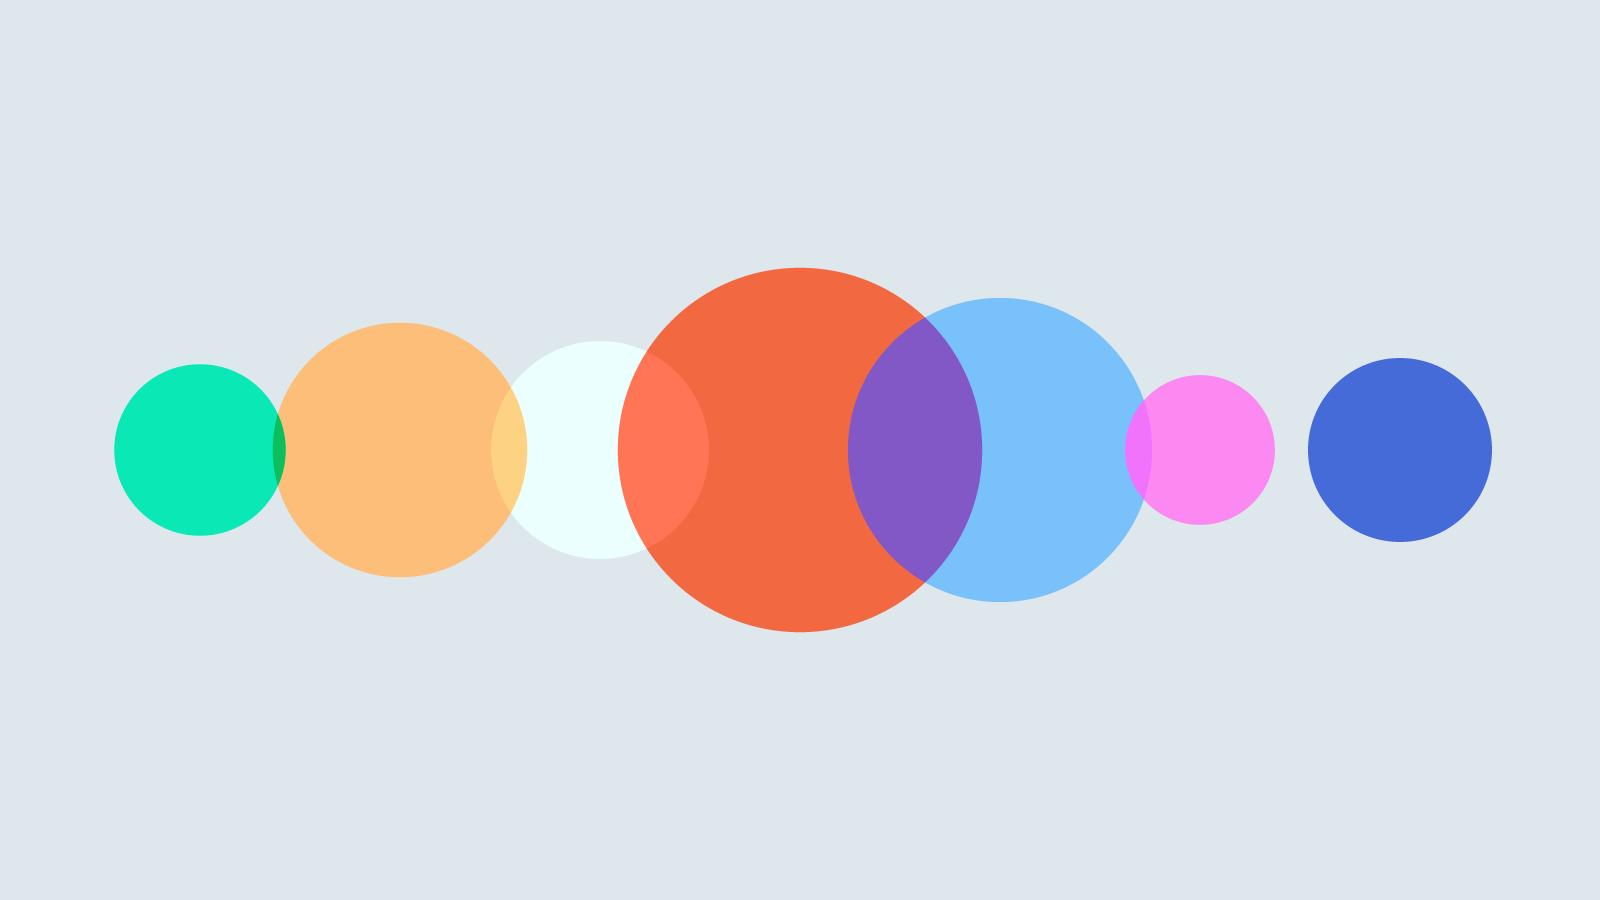 Circles-r2